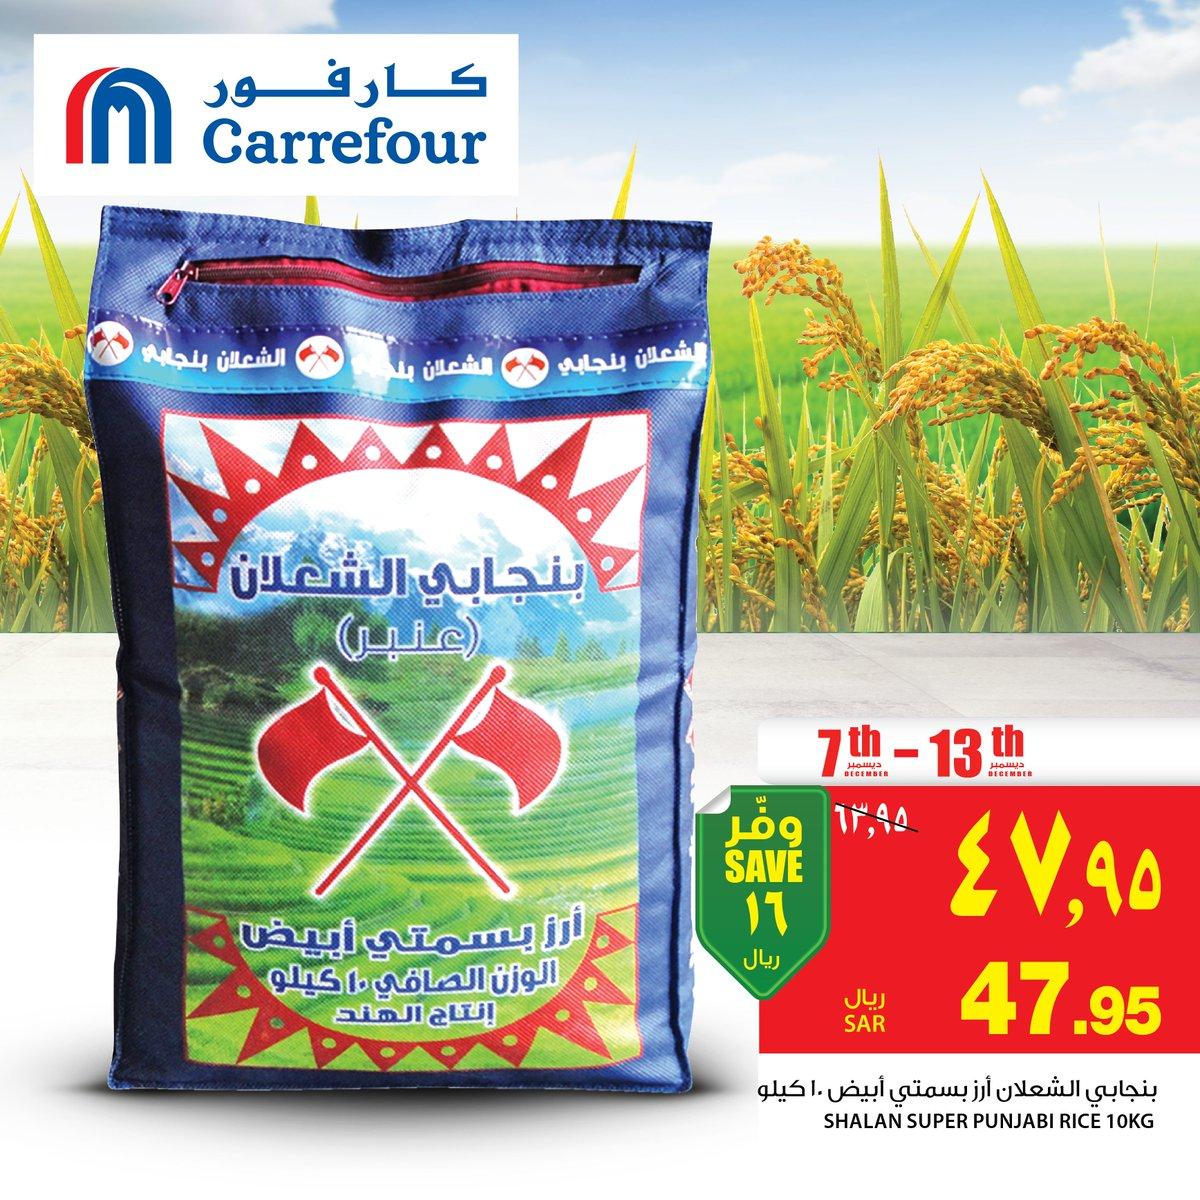 كارفور السعودية Pa Twitter بنجابي الشعلان أرز بسمتي أبيض ١٠ كيلو 47 95 ريال مع عروض كارفور السعودية 8 14 ربيع الأول الموافق 7 13 ديسمبر